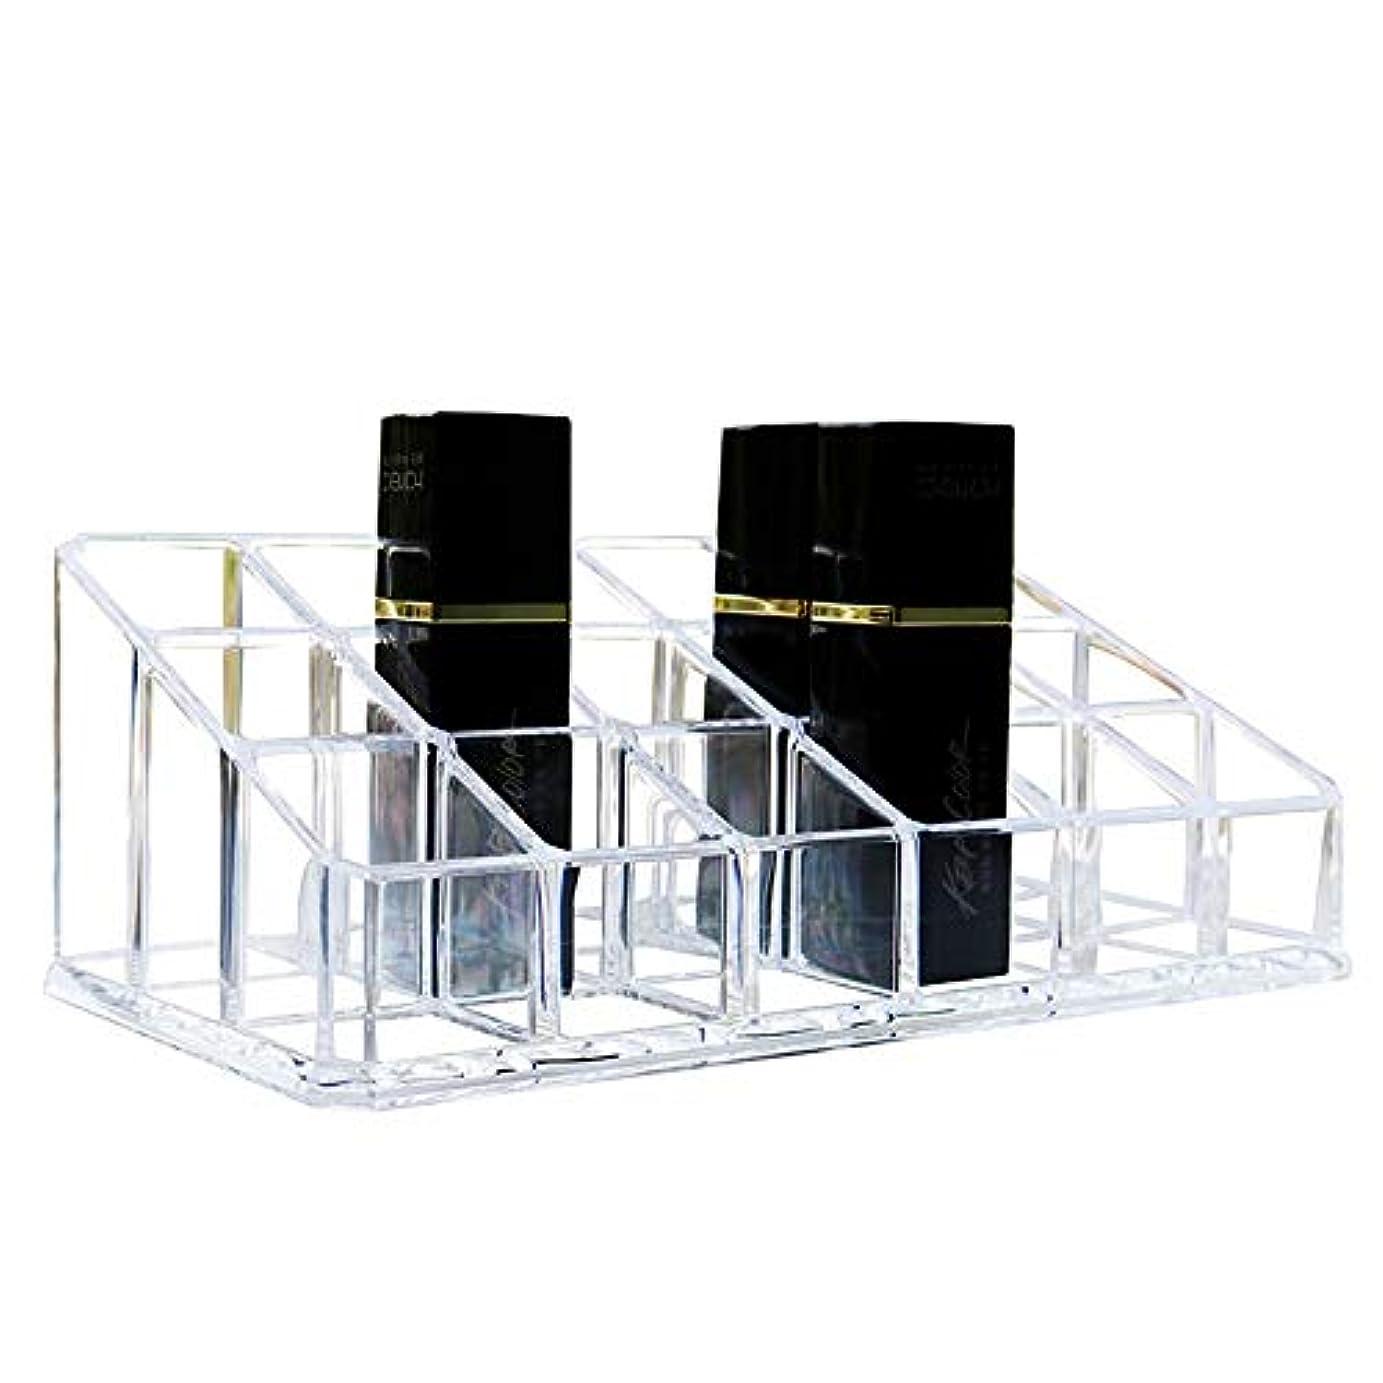 比喩スロー言い直す整理簡単 シンプルな口紅収納クリア18コンパートメント化粧口紅化粧品ディスプレイスタンドラックホルダーオーガナイザー (Color : Clear, Size : 17.4*9*6.3CM)